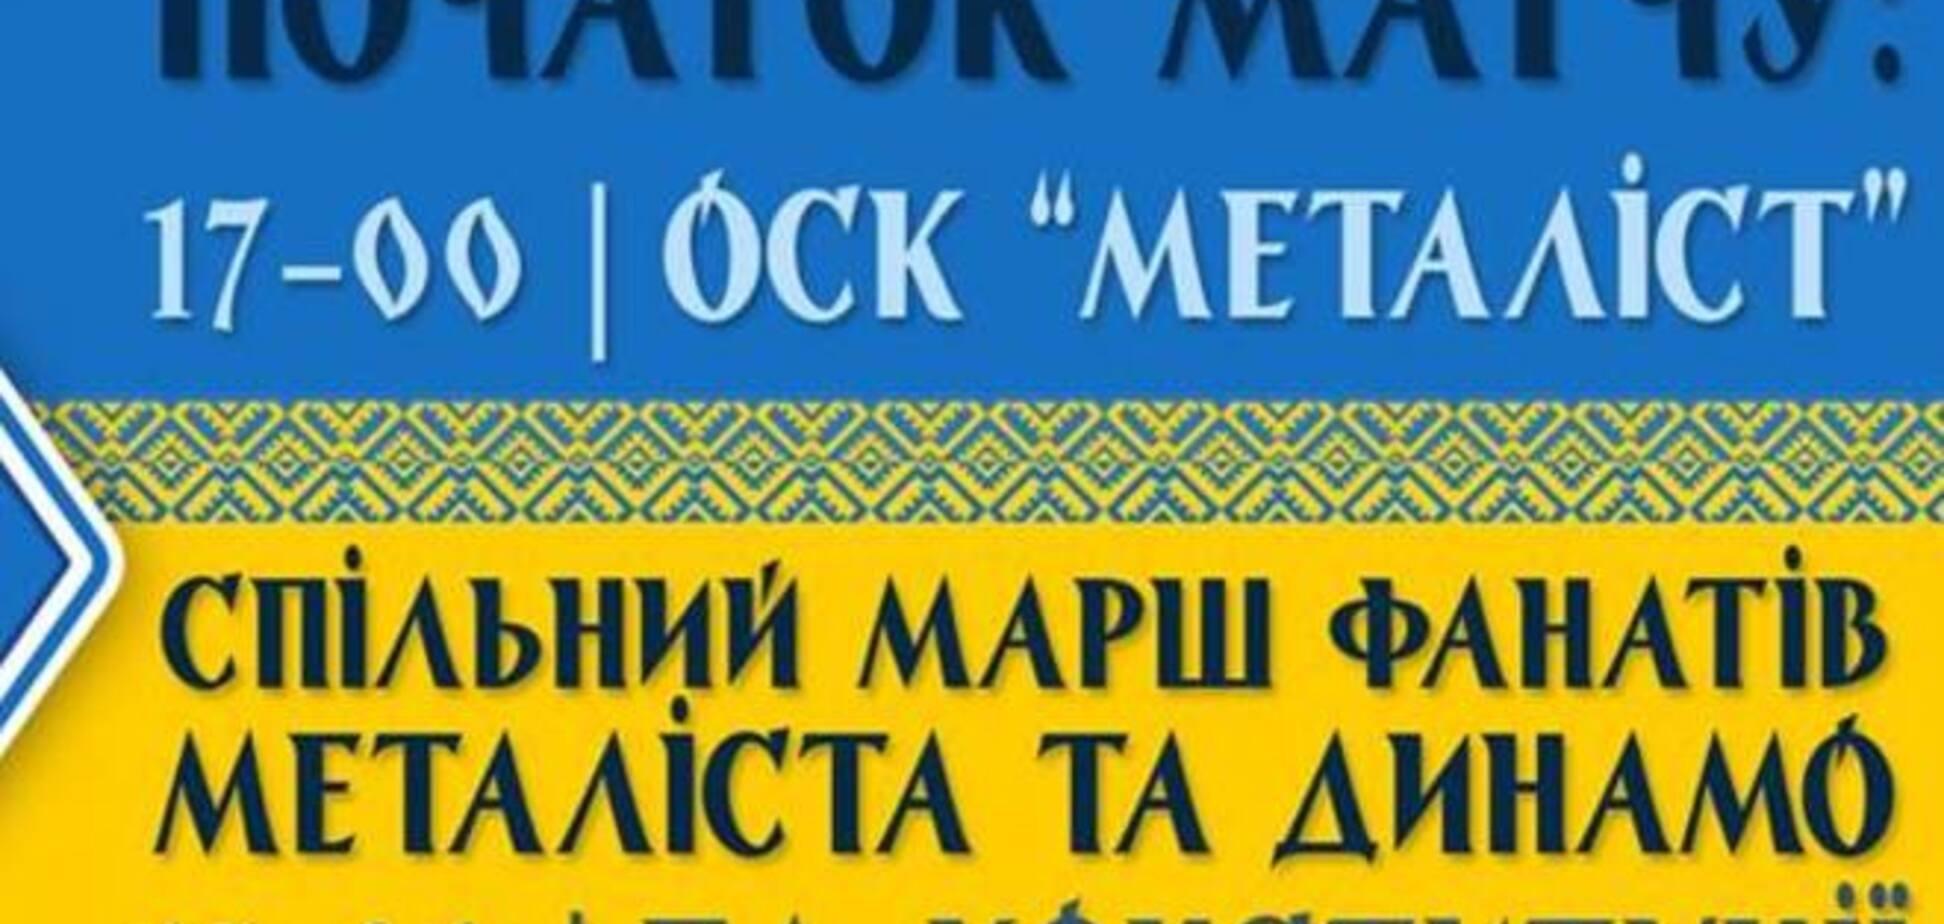 Ультрас 'Динамо' и 'Металлиста' запланировали марш единства